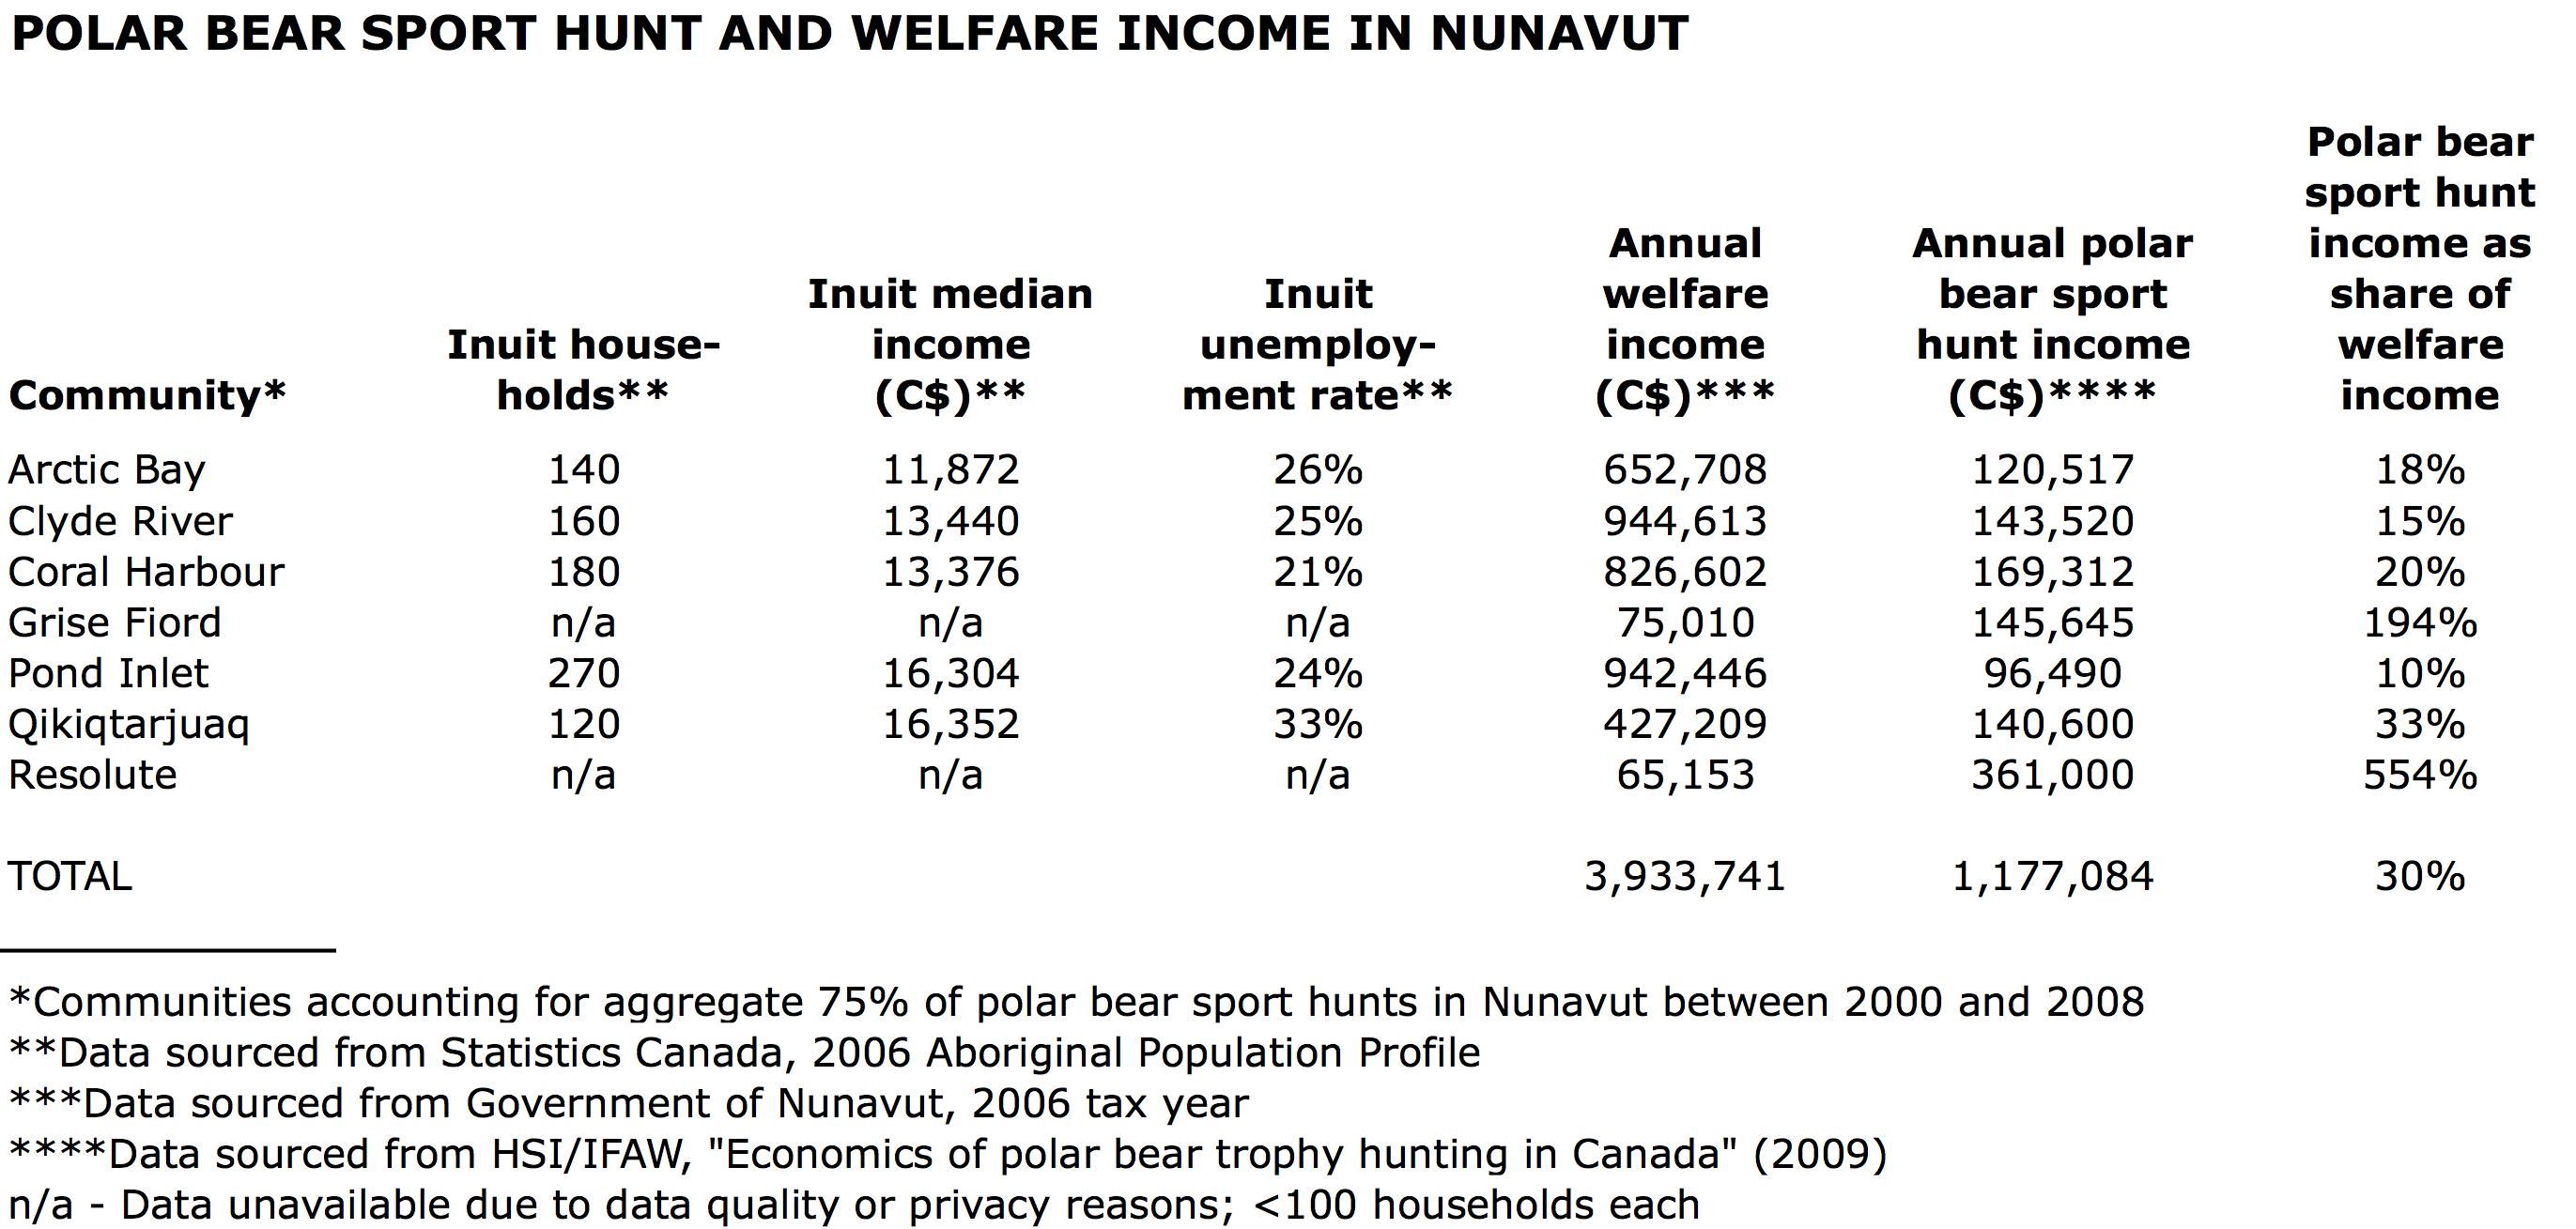 Polar bear sport hunt and welfare income in Nunavut